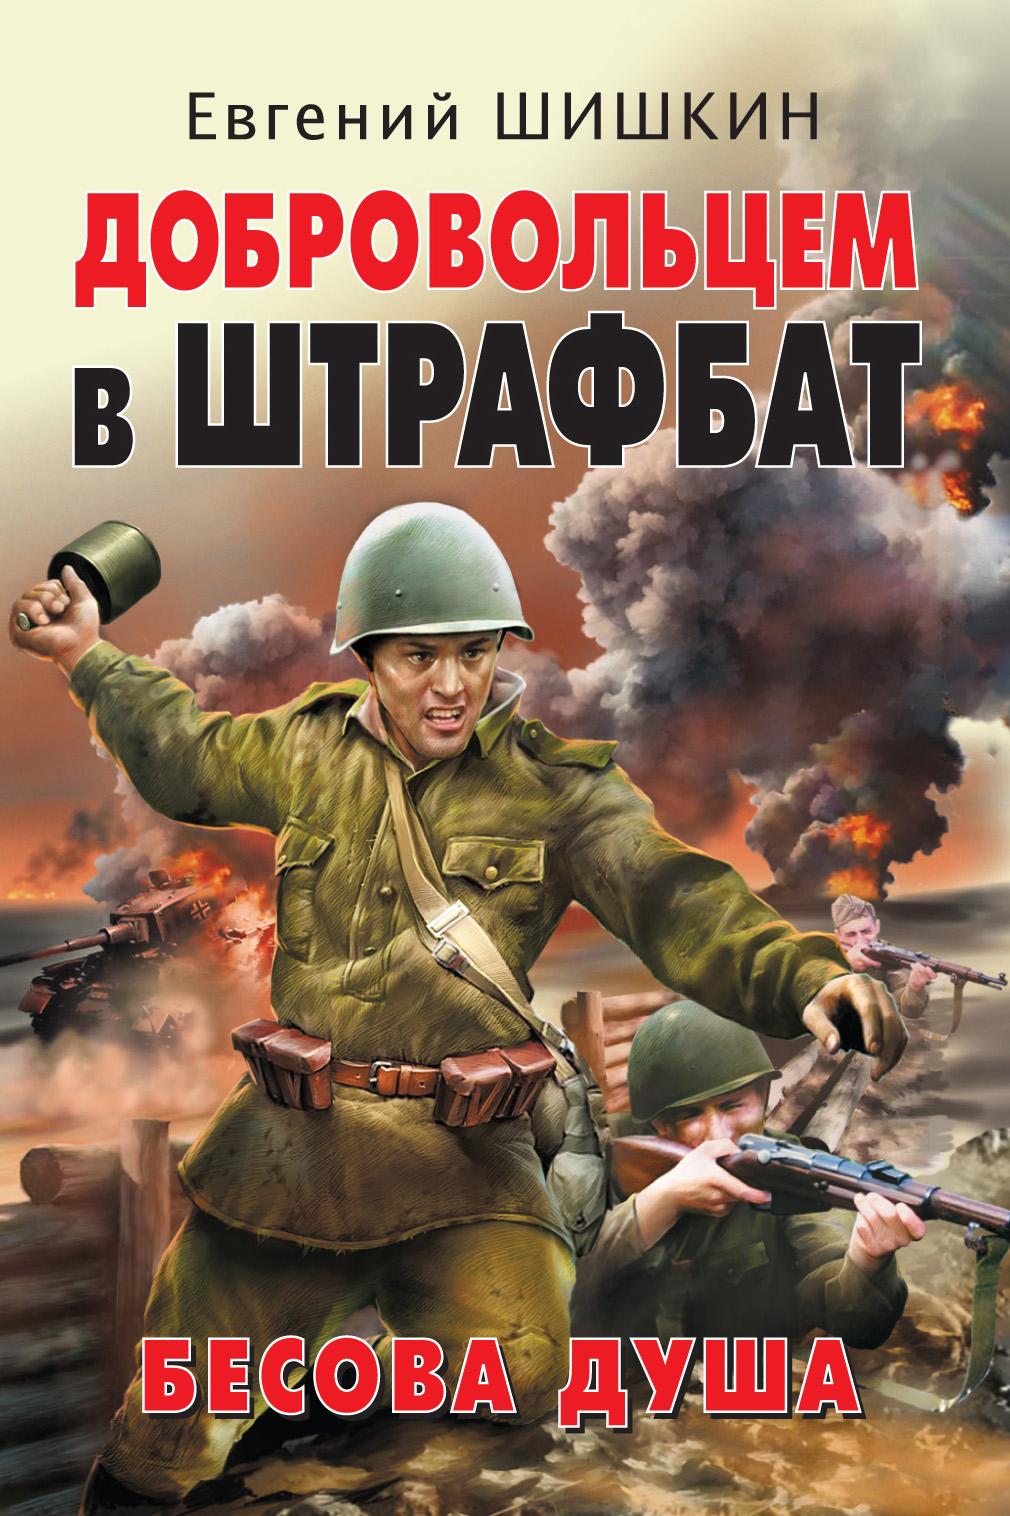 Евгений Шишкин Добровольцем в штрафбат. Бесова душа